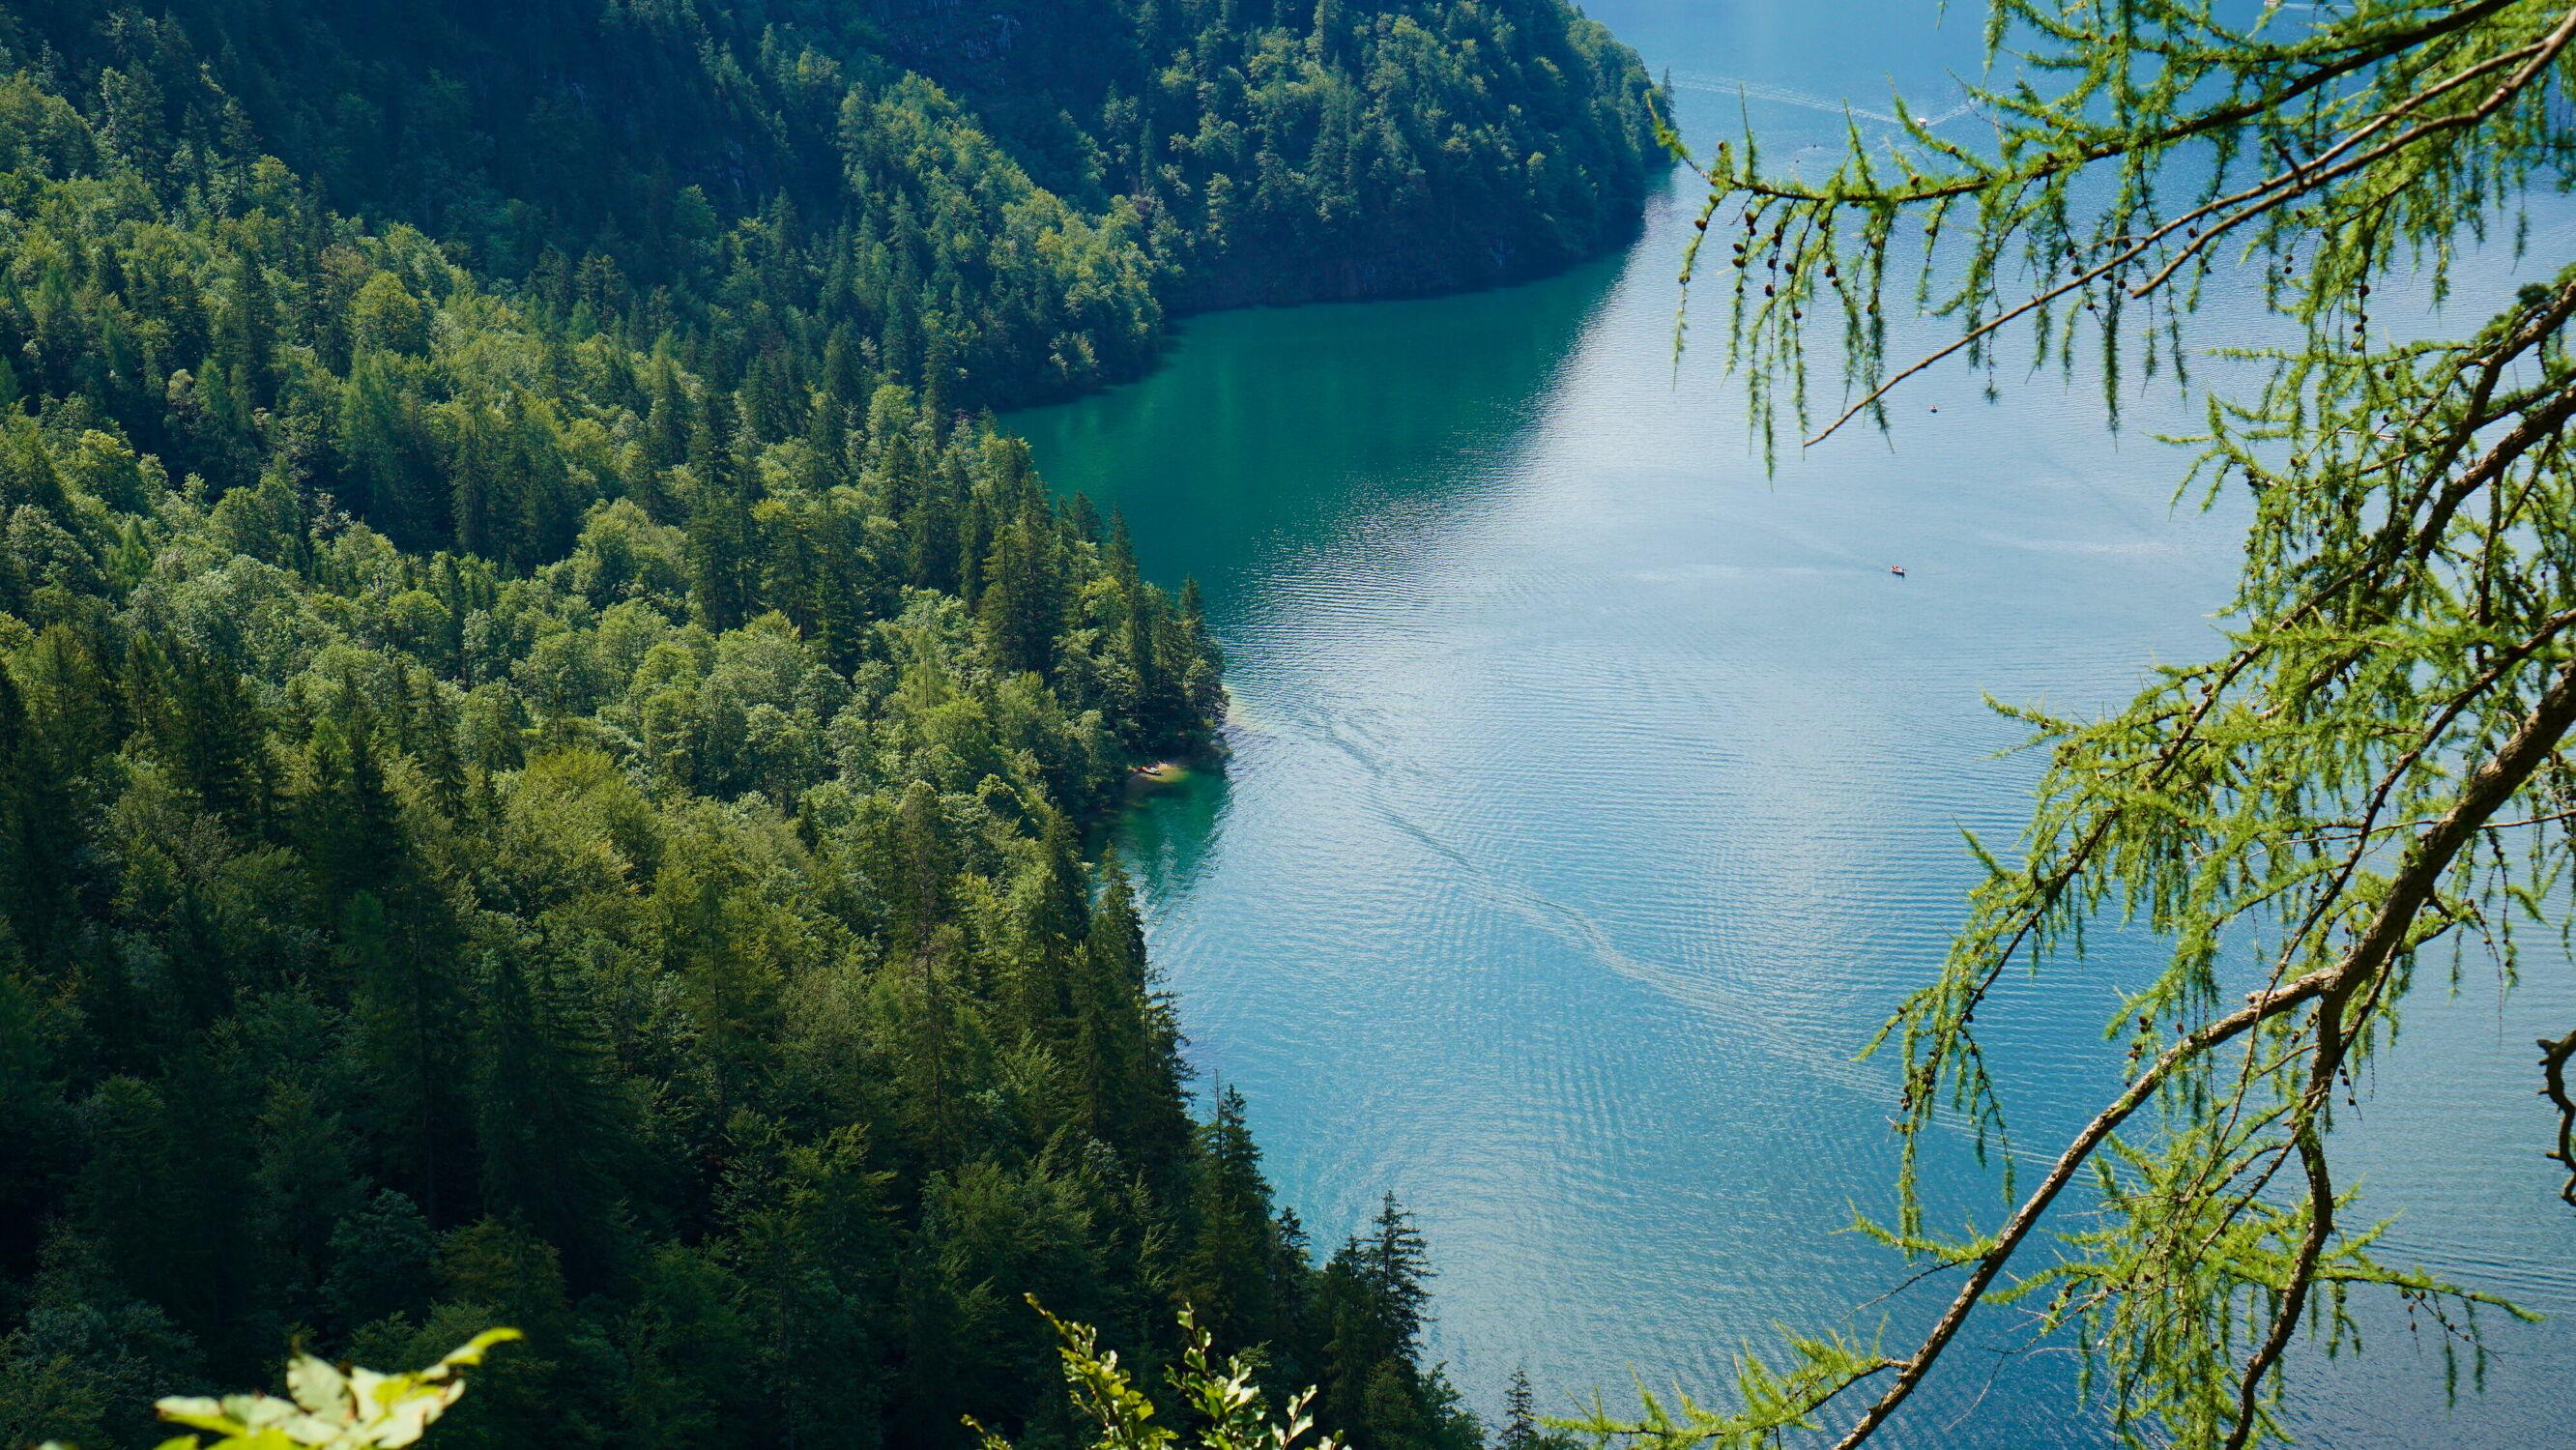 Bild mit Natur, Seen, Urlaubsfoto, See, Urlaubsfeeling, königssee